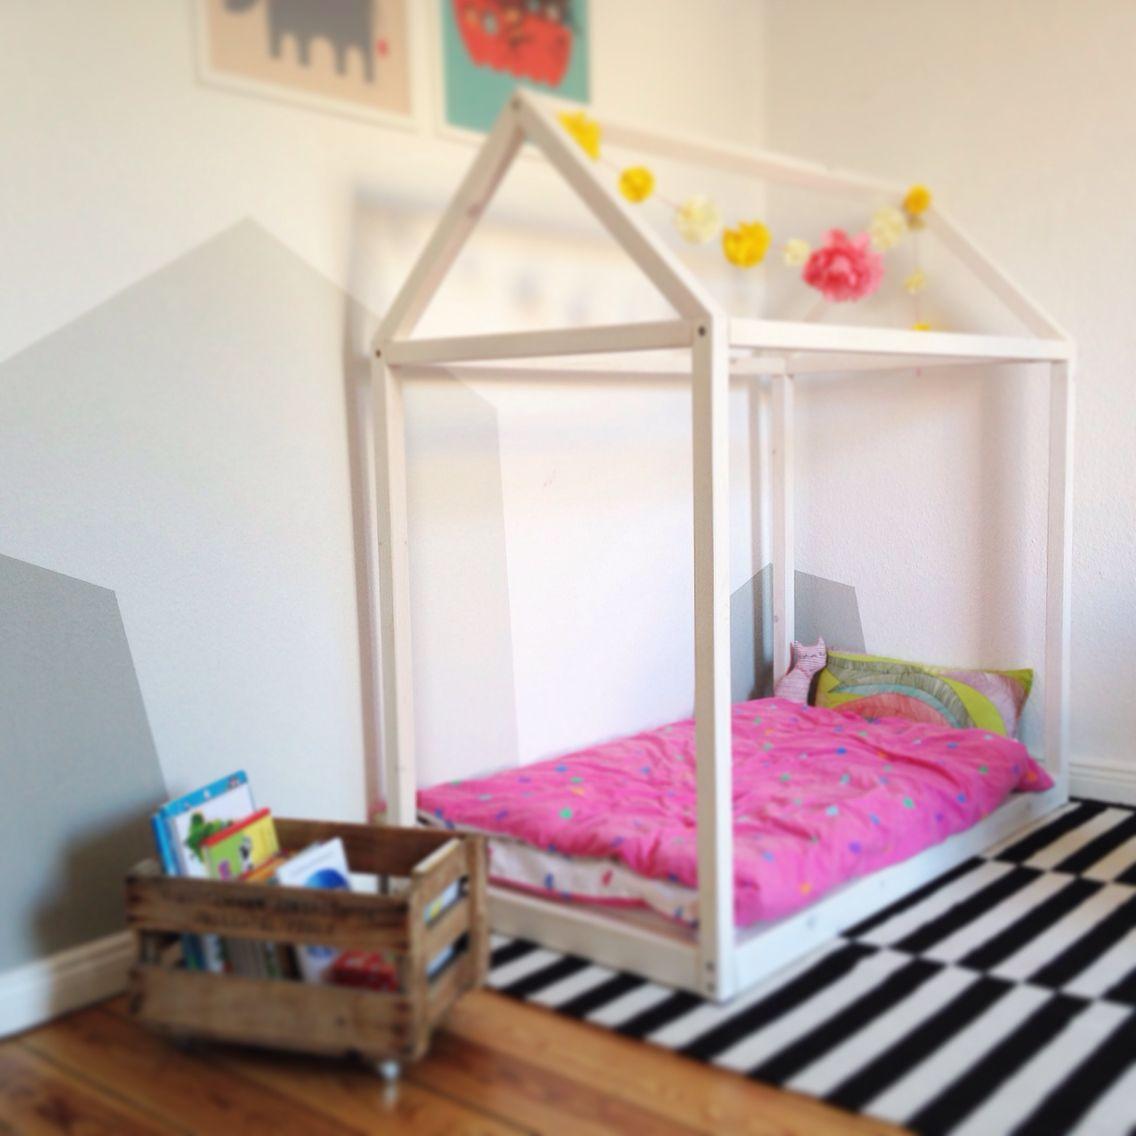 DIY. Kinderzimmer. Haus. Kinderbett. Holz. Kinder bett